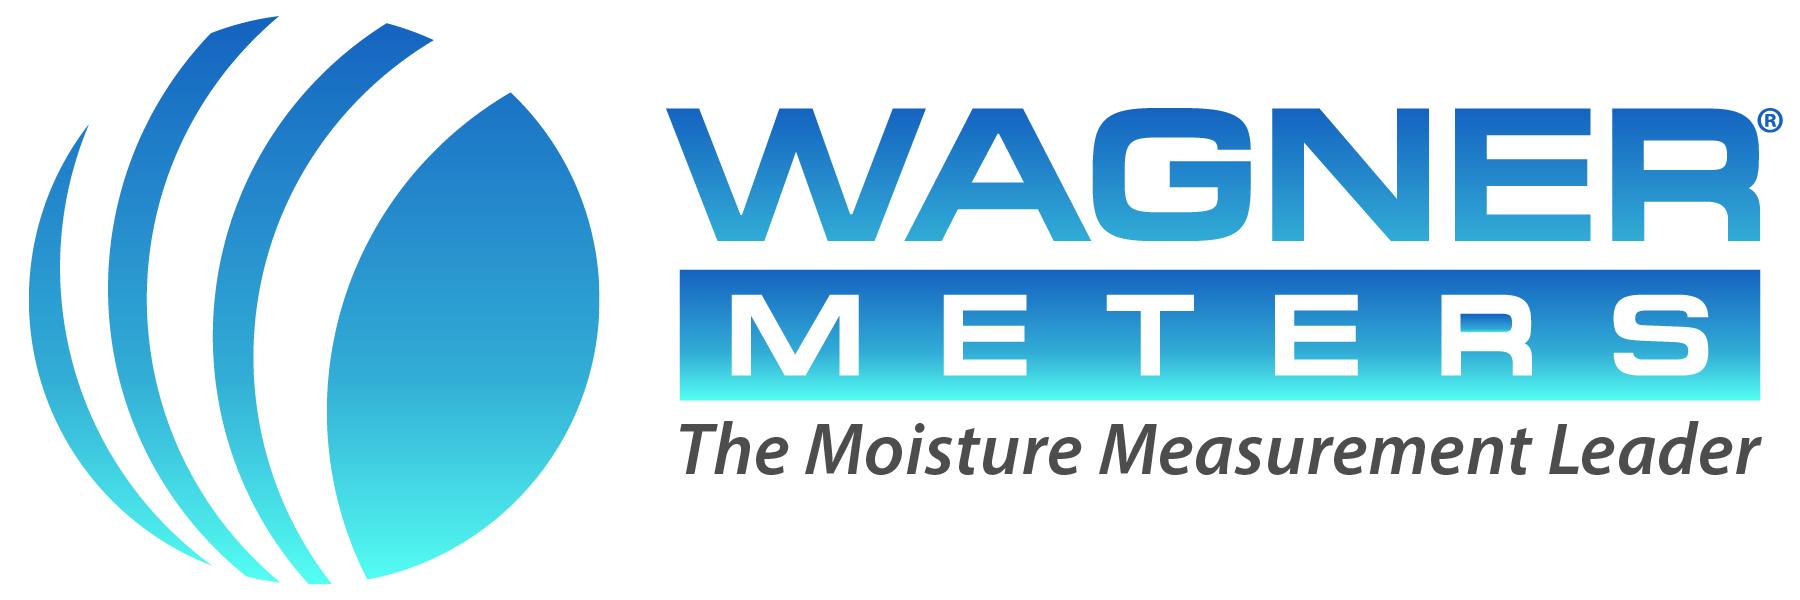 WM.GRAPHIC.OFFICIAL-LOGO_-wm_logo_r_tag_b-(3).jpg